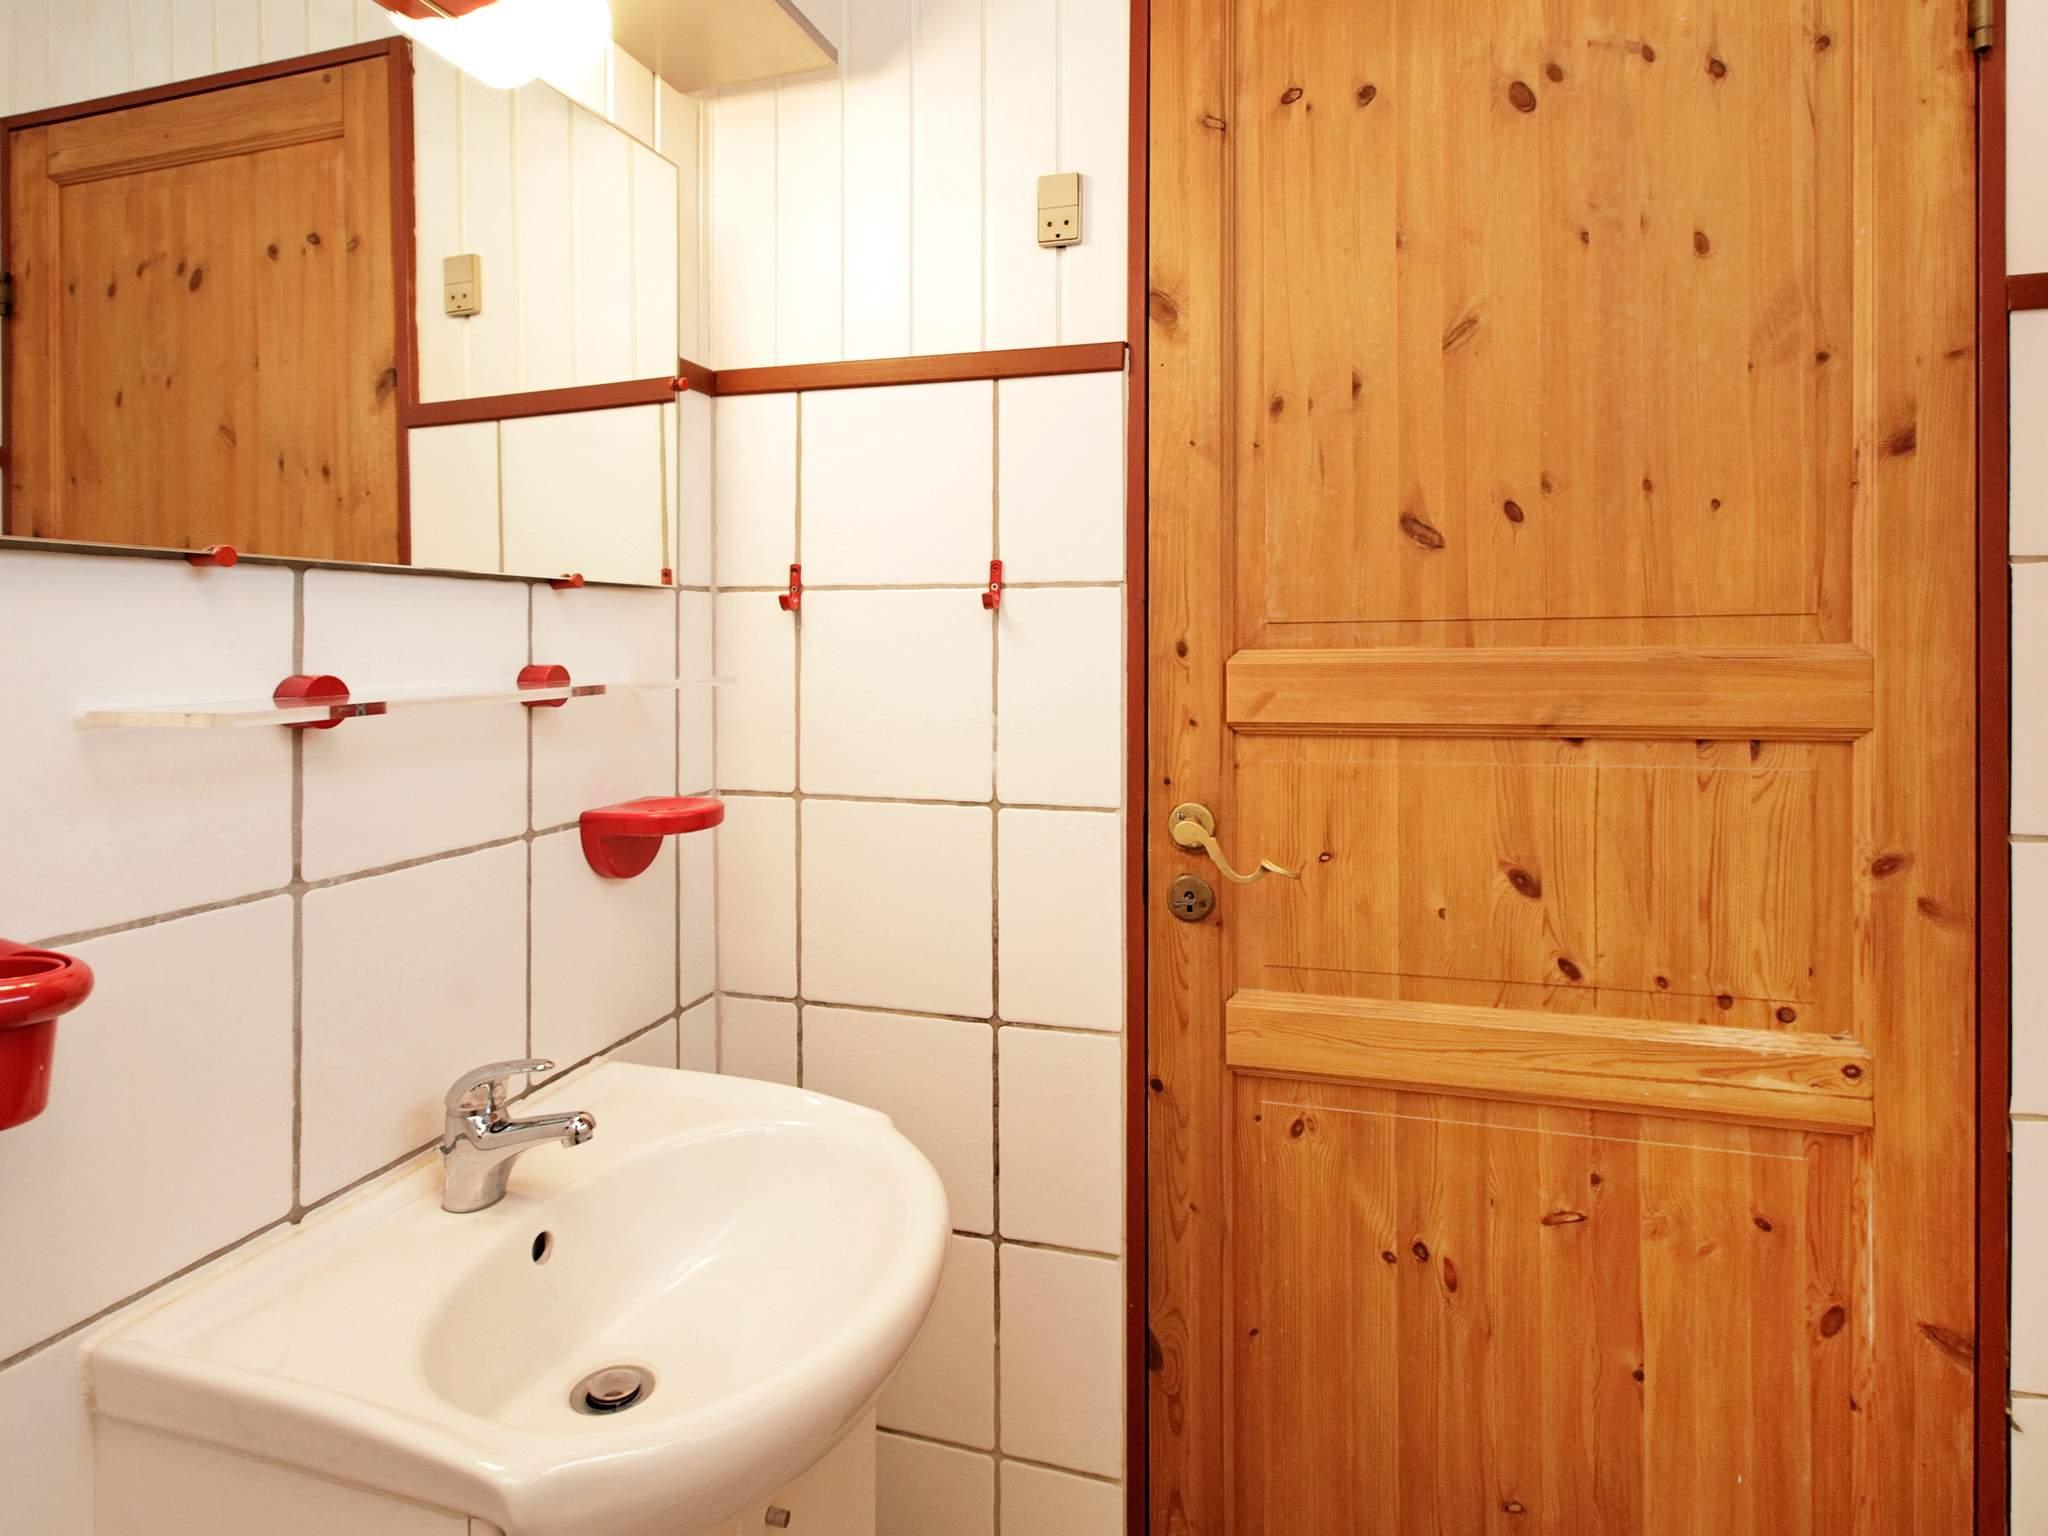 Ferienhaus Grærup (1090324), Grærup, , Westjütland, Dänemark, Bild 11